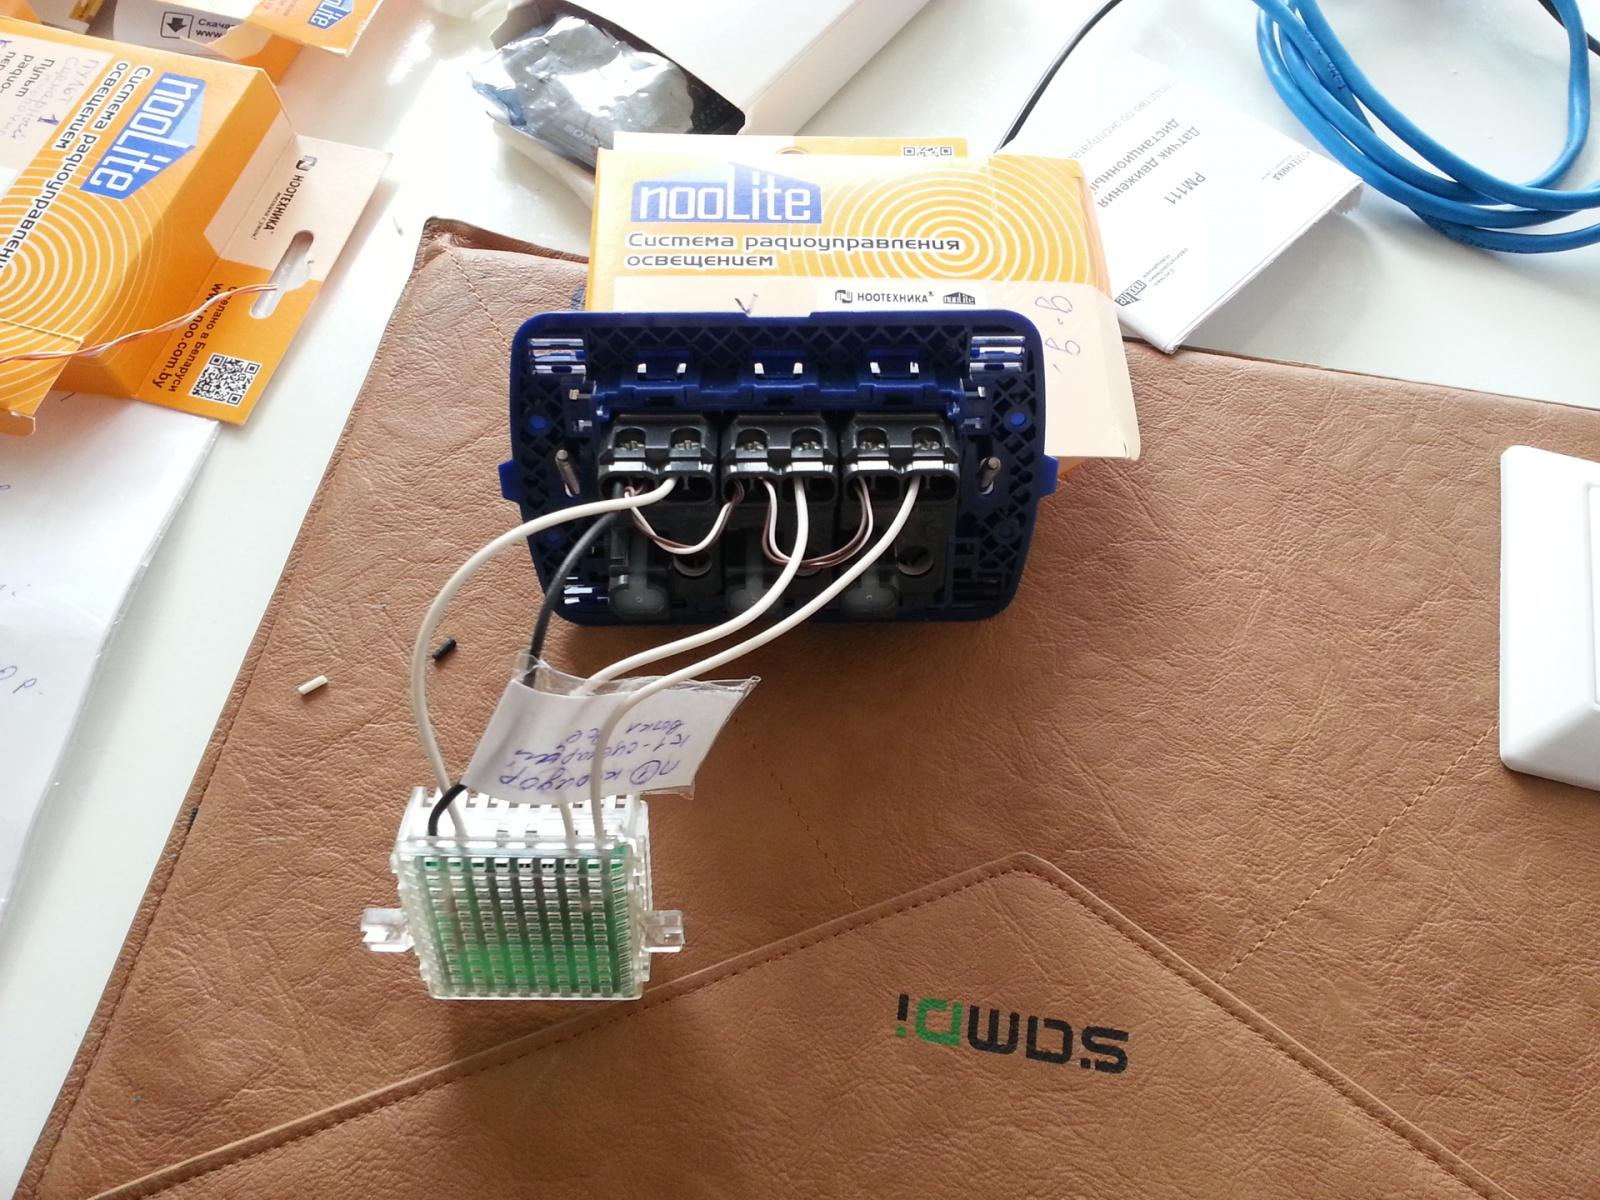 Управляем освещением в квартире (NooLite, Raspberry Pi и WebIOPi) - 21